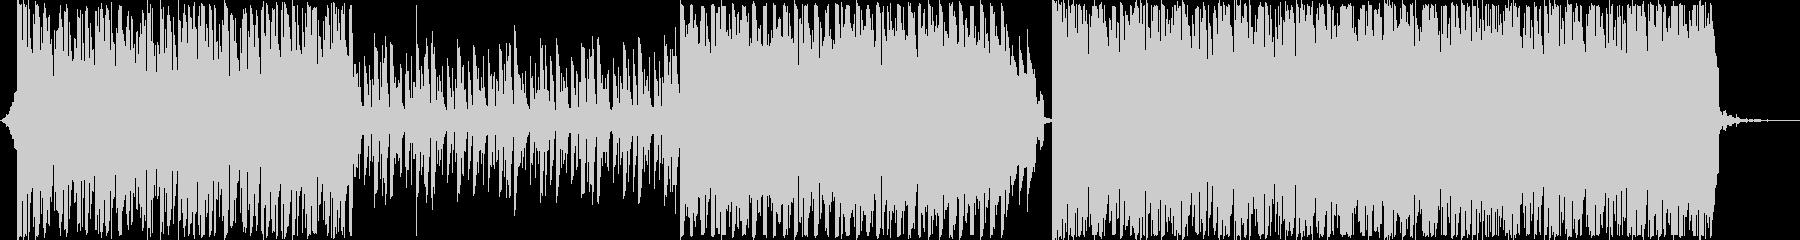 雪のように切ないデジタルJ-POPの未再生の波形